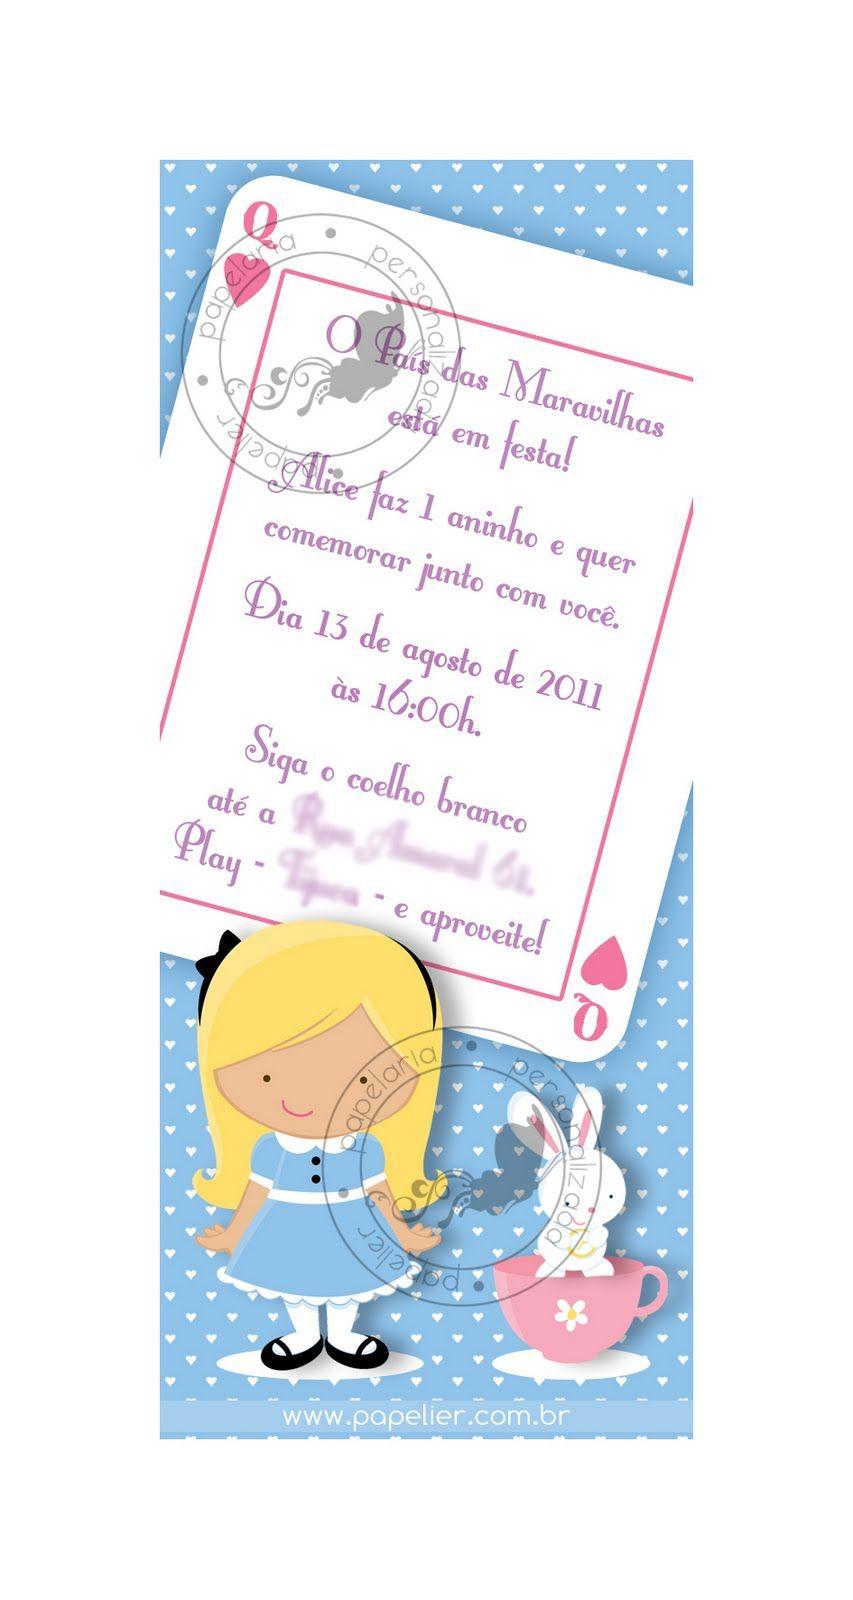 Papelier - papelaria criativa: Alice no país das maravilhas - o convite